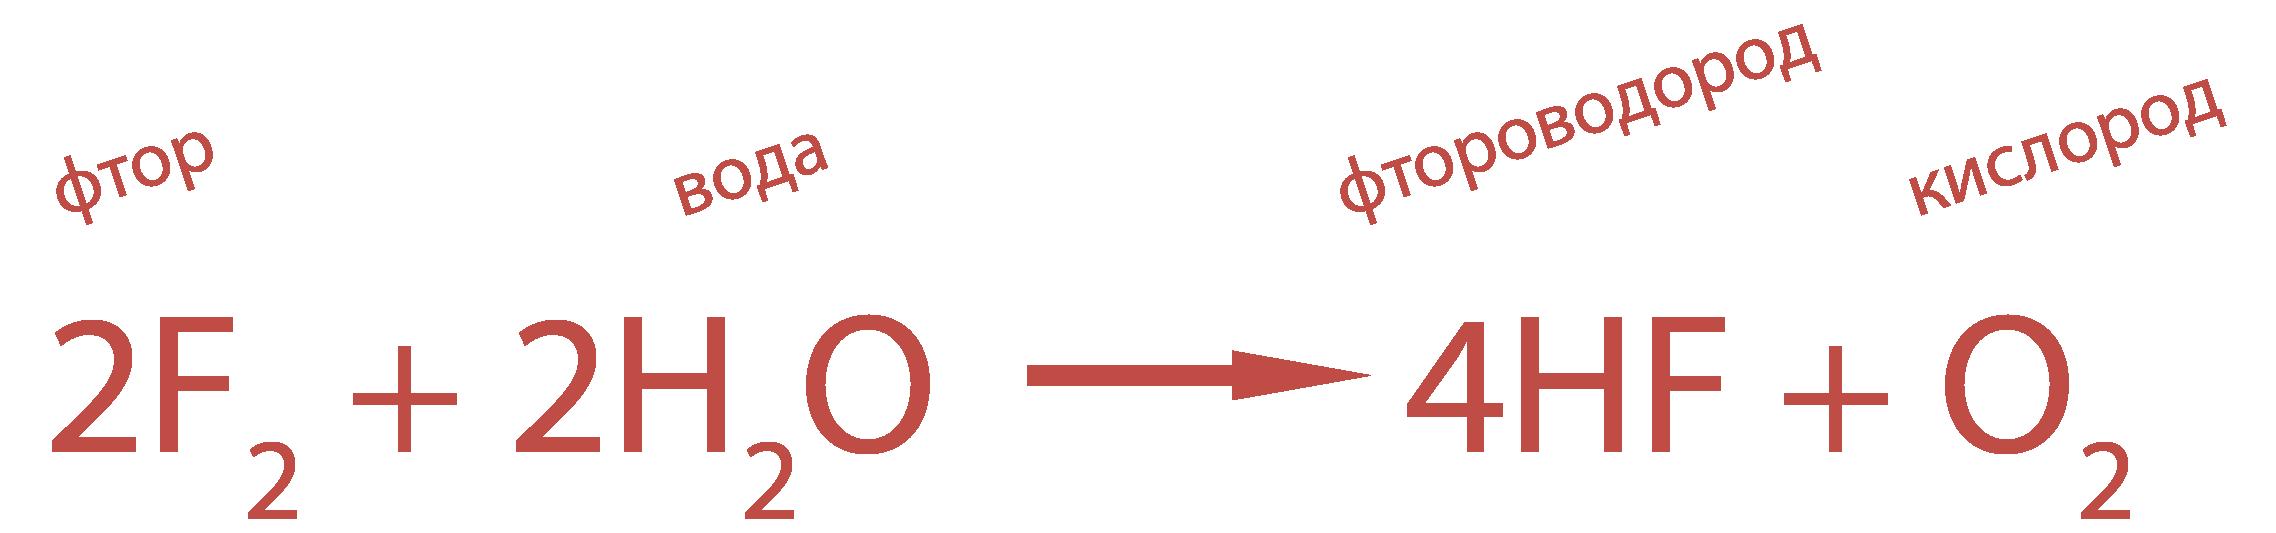 Химическая реакция горения воды в струе фтора